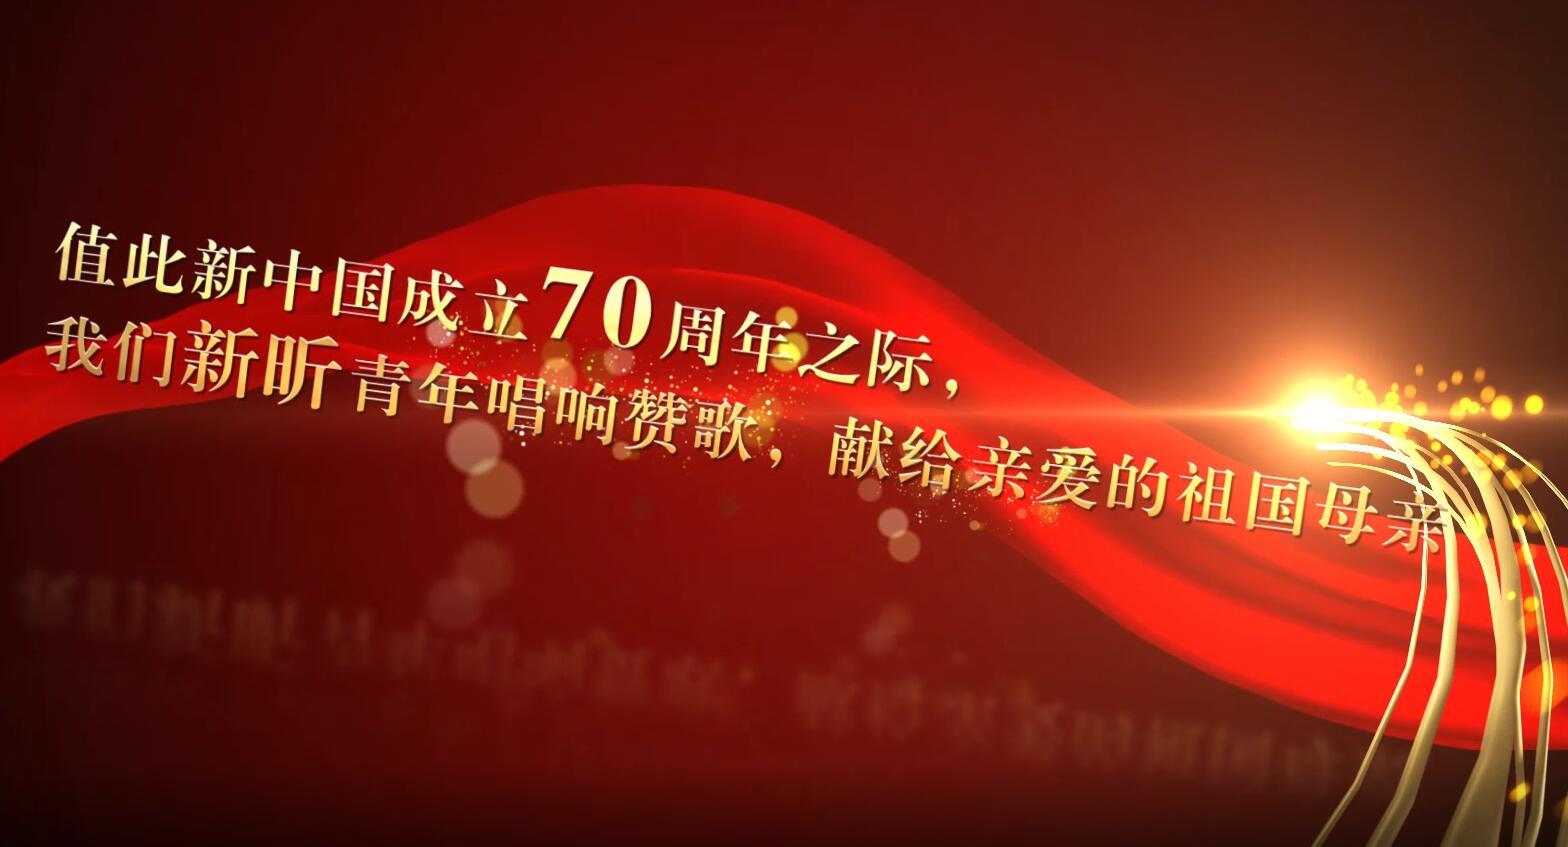 献礼新中国70华诞—山东出版实业公司(原新昕资产公司)青年唱响《我和我的祖国》